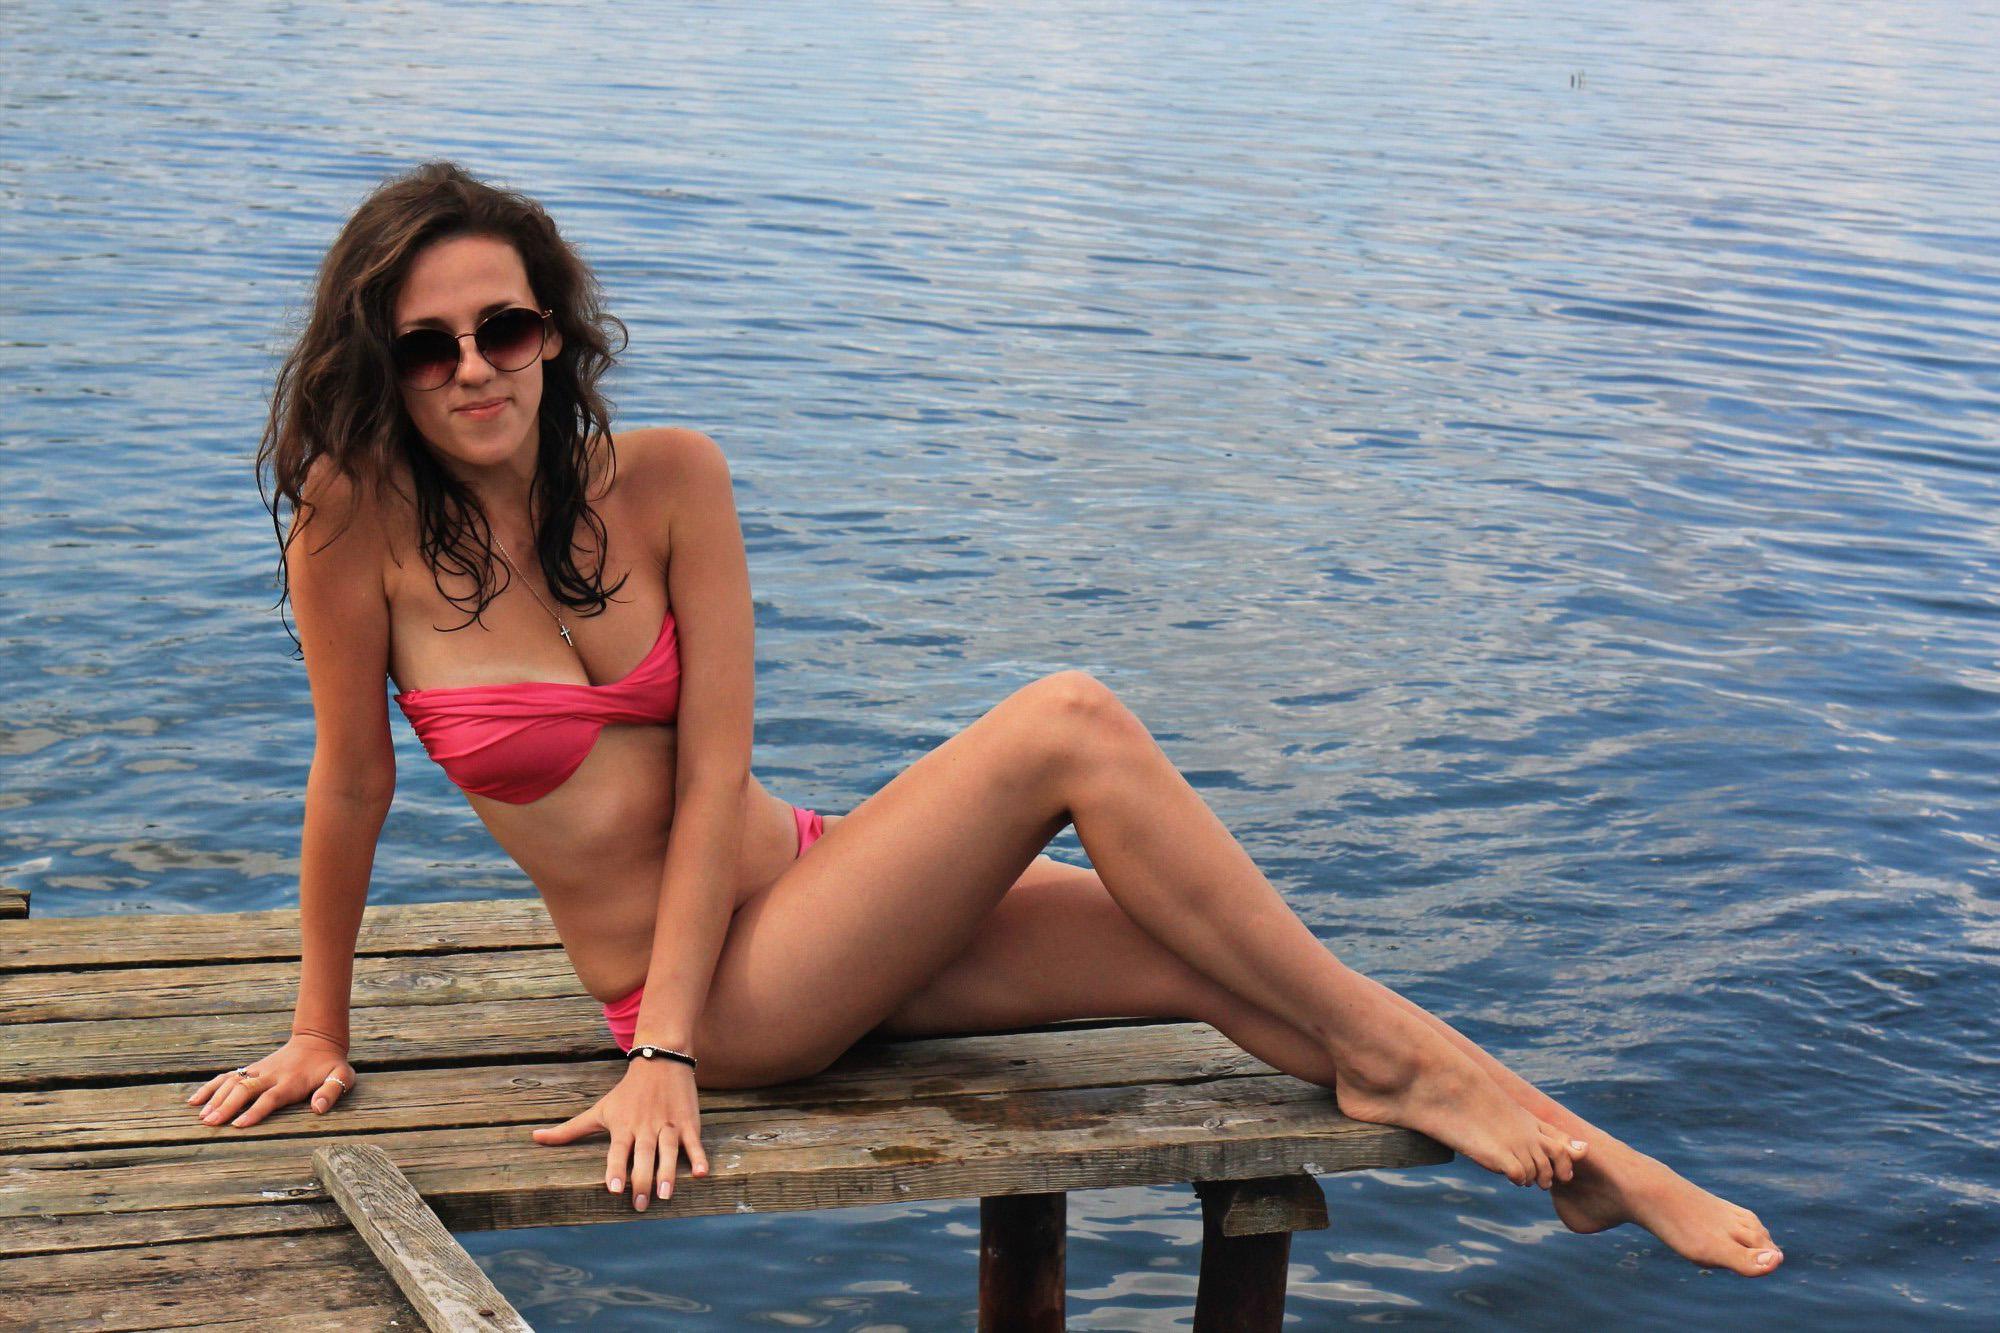 Стройная девчонка в купальнике на мостике